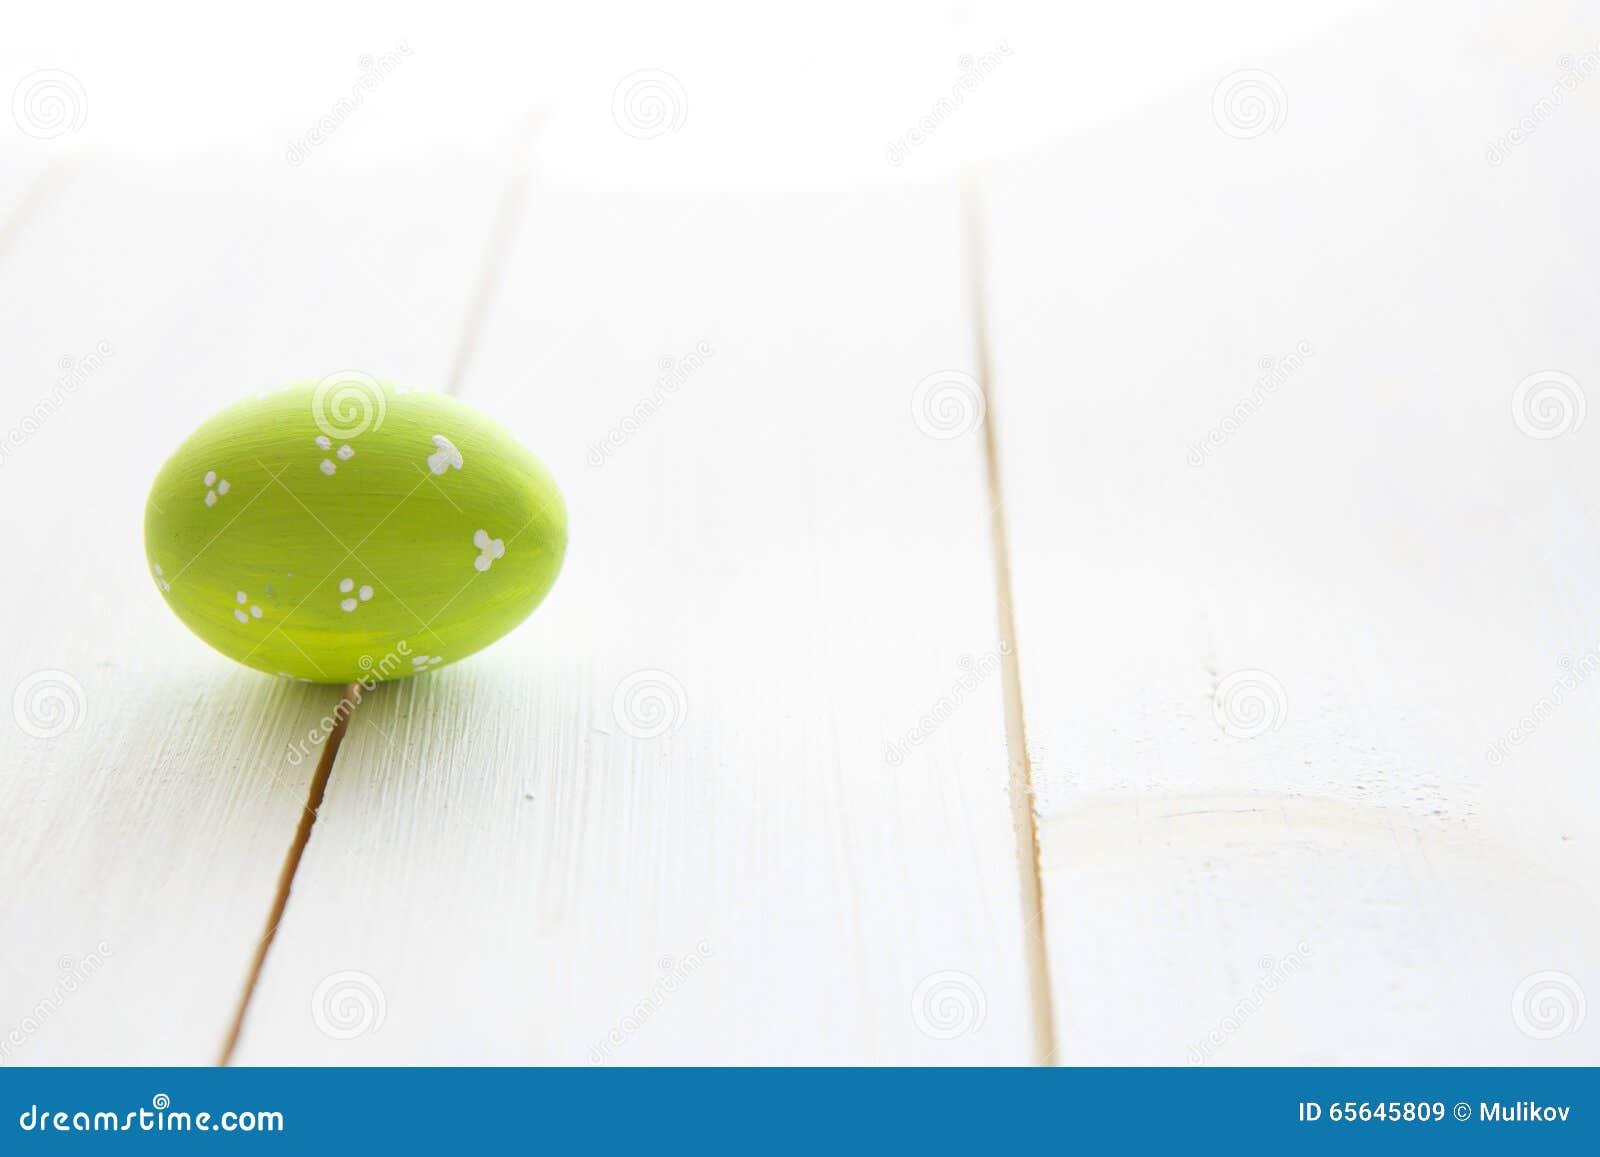 Oeuf vert sur une vieille table en bois blanche